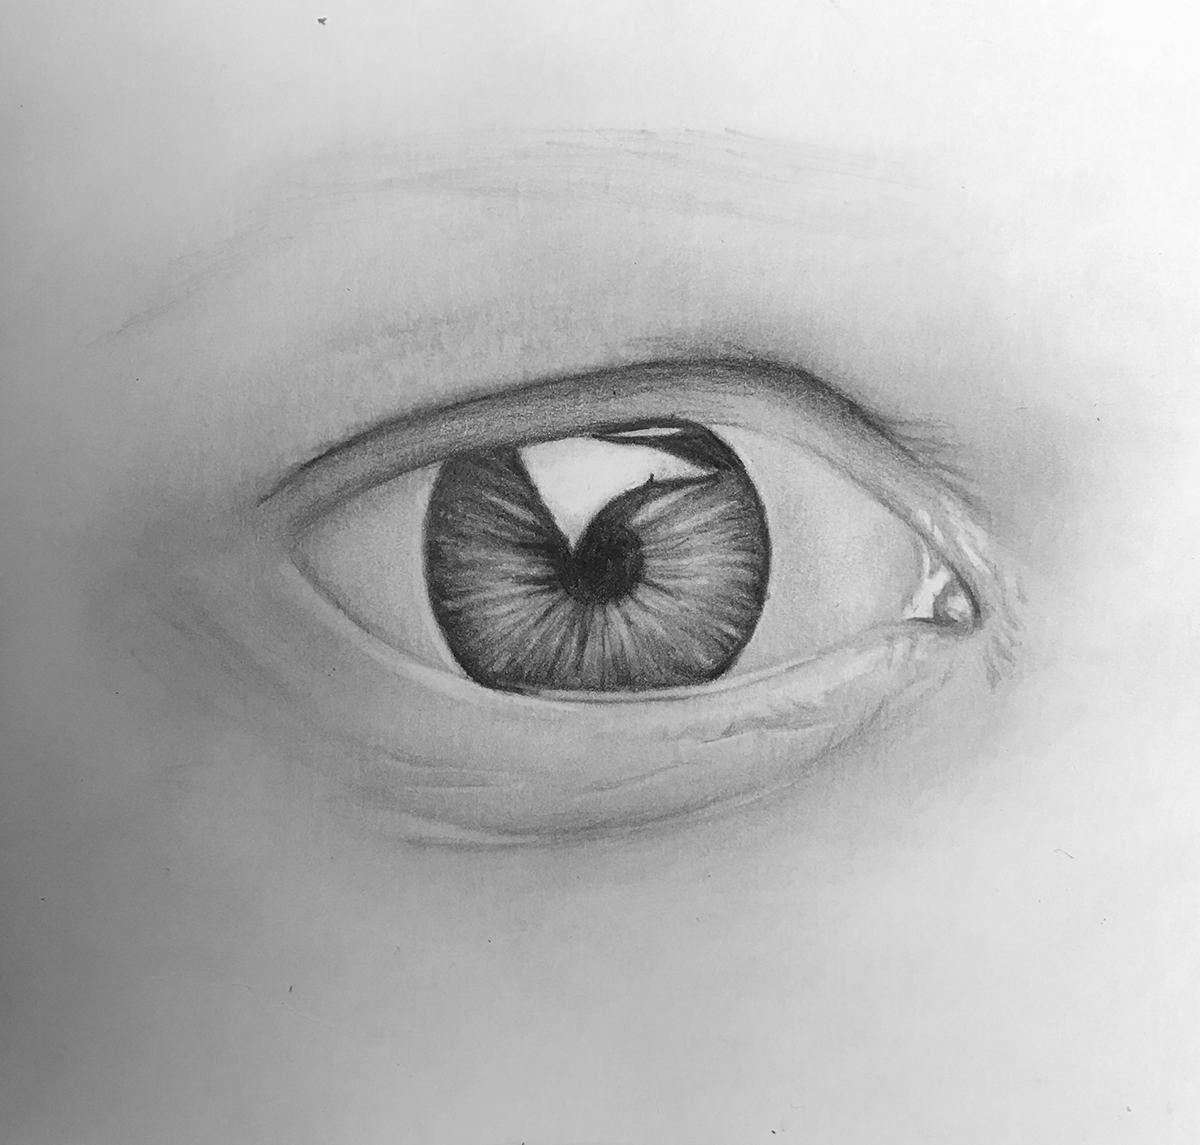 draw-a-realistic-eye-step-07-darker-shading.jpg